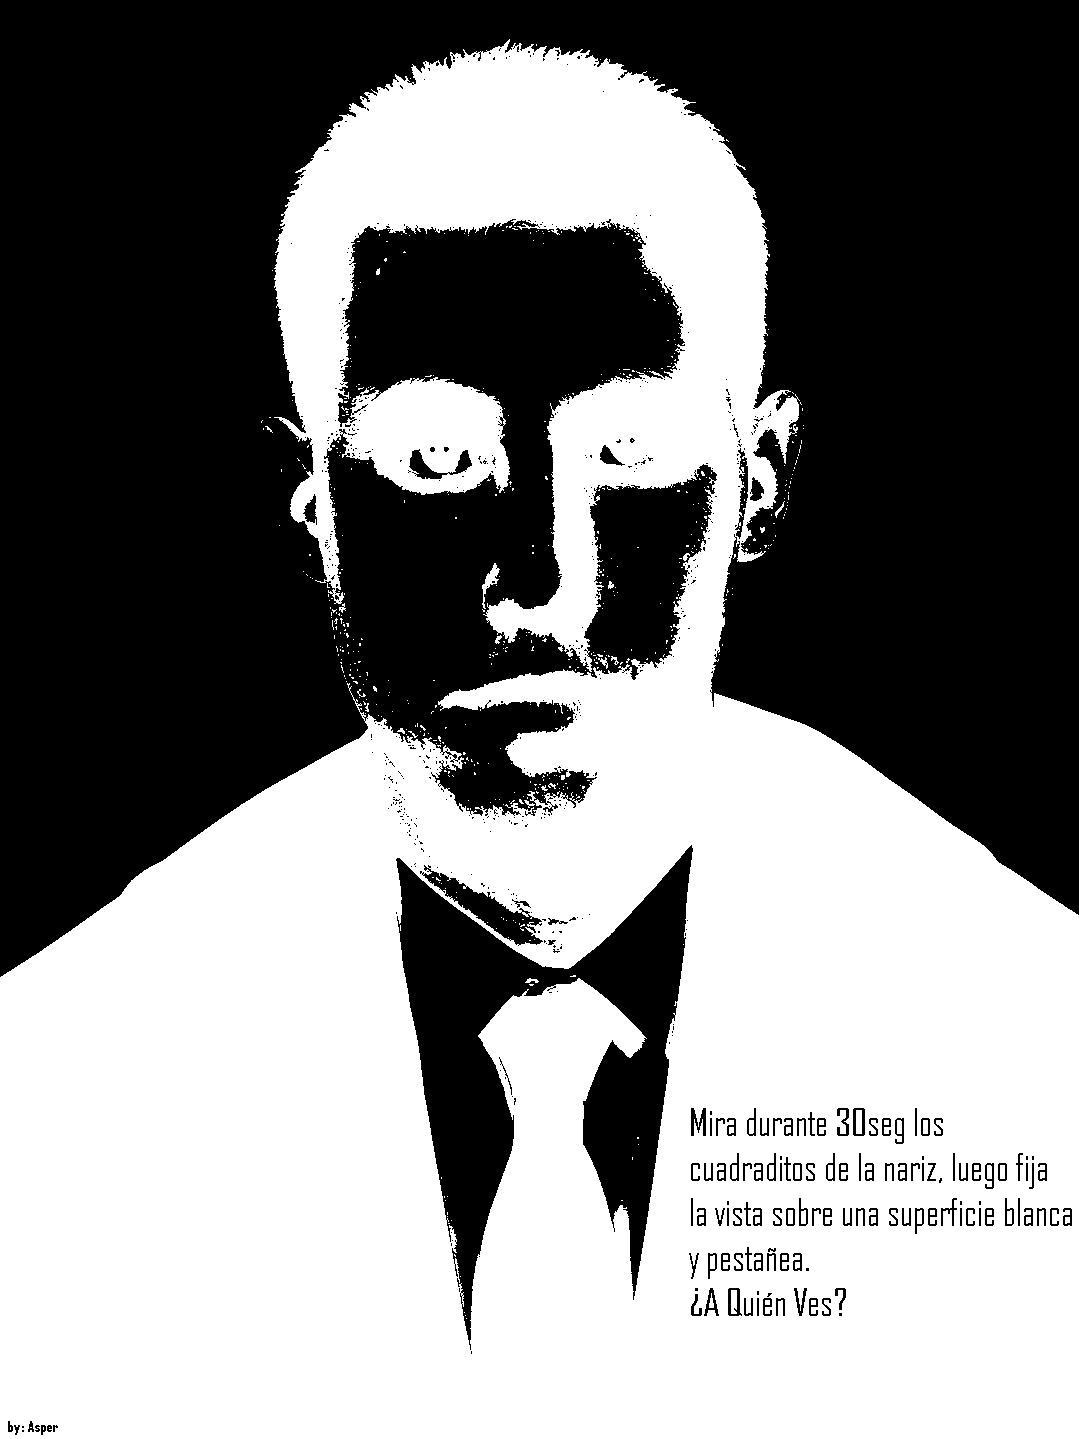 Los mejores efectos visuales e ilusiones opticas taringa - Imagenes con trucos opticos ...